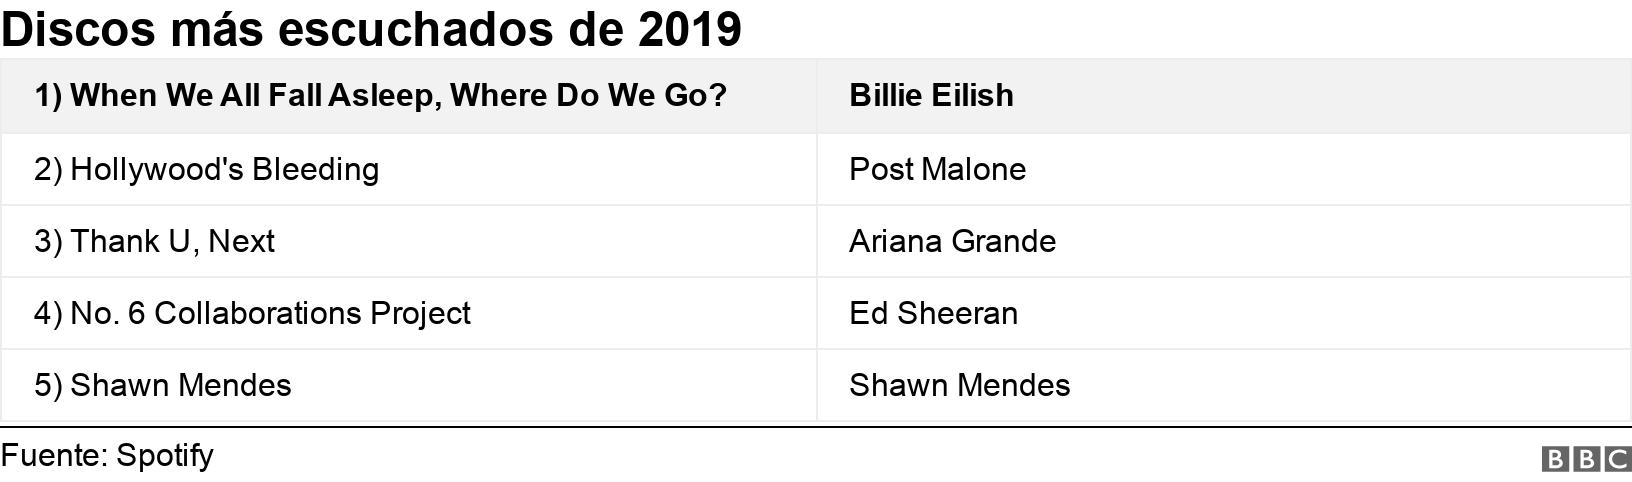 Discos más escuchados de 2019. .  .